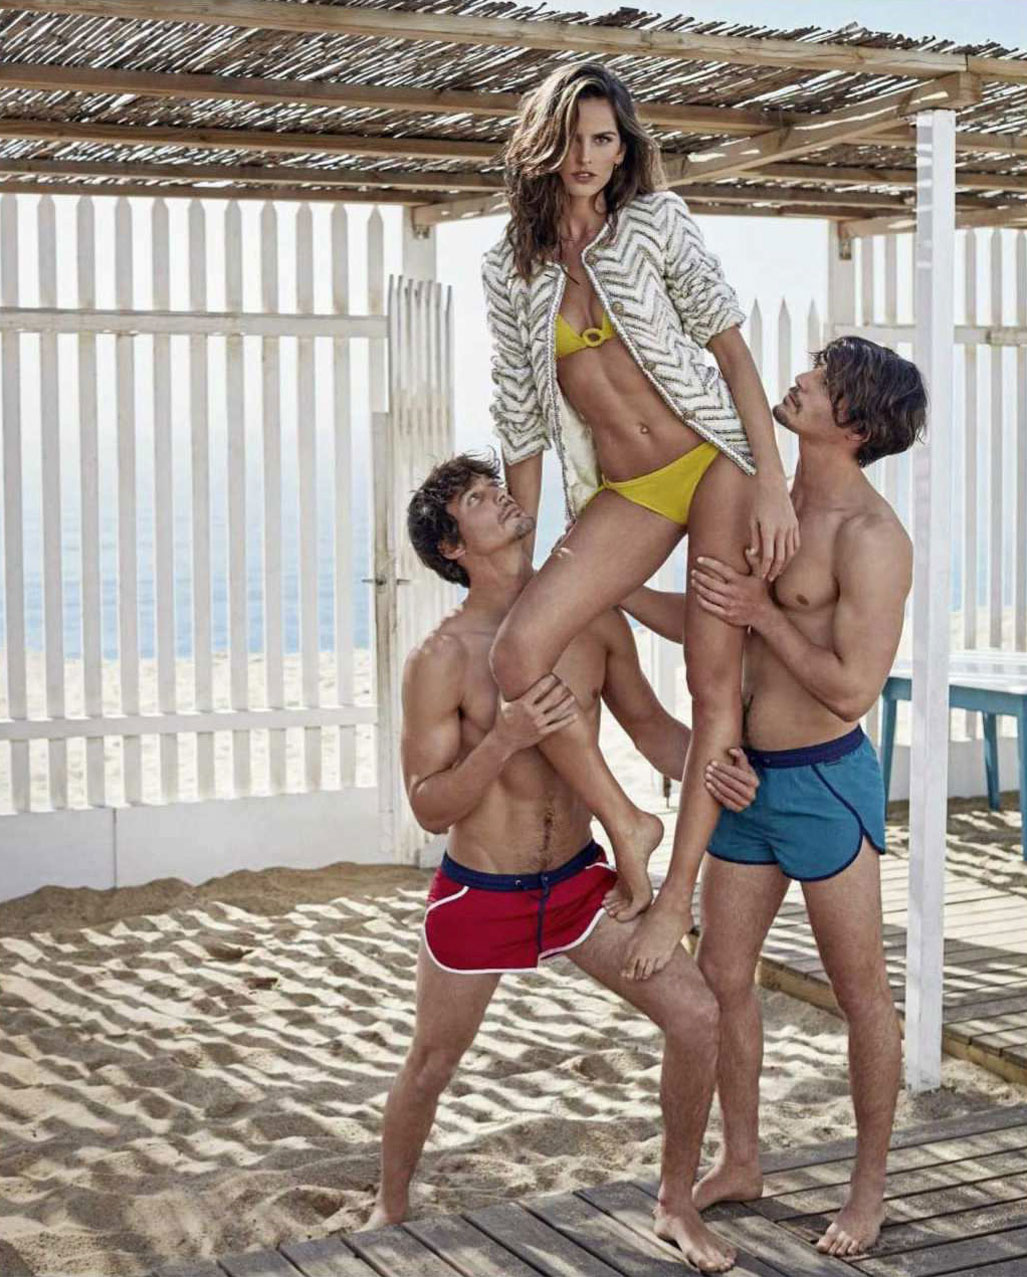 Izabel Goulart, Edu Roman, Jorge Roman by Xavi Gordo - Elle Russia june 2018